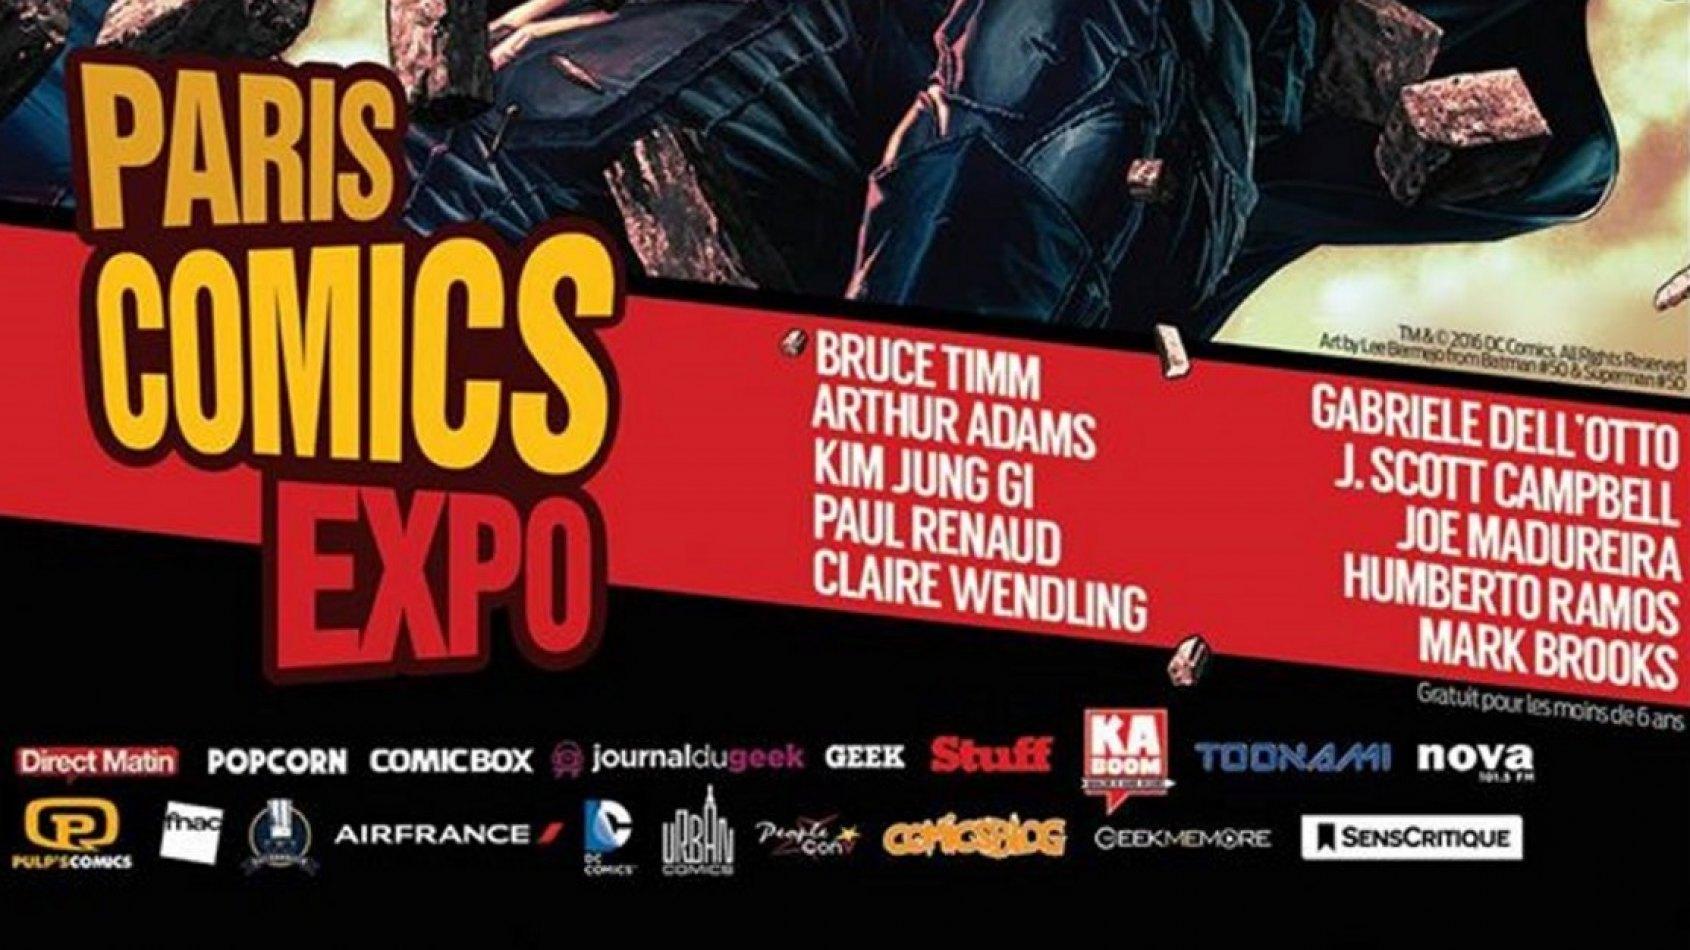 Une sortie Plan�te Star Wars pour Paris Comics Expo !